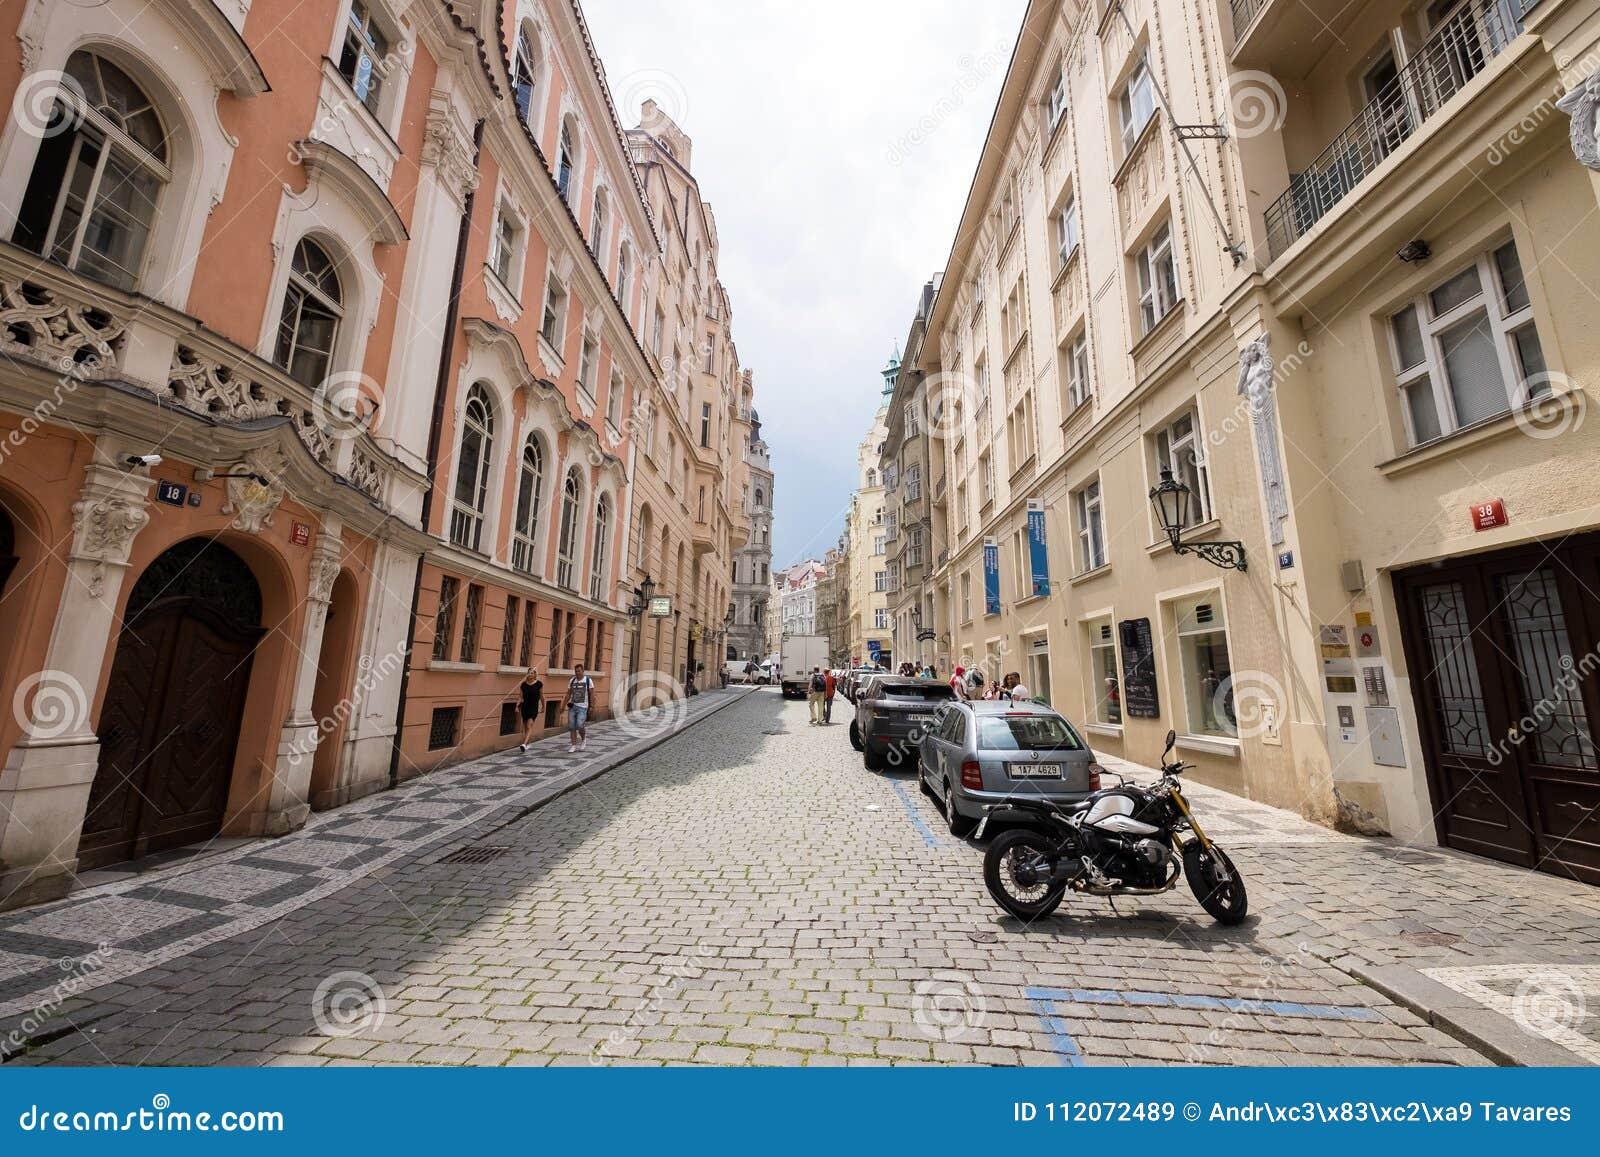 Streets czech CzechStreets